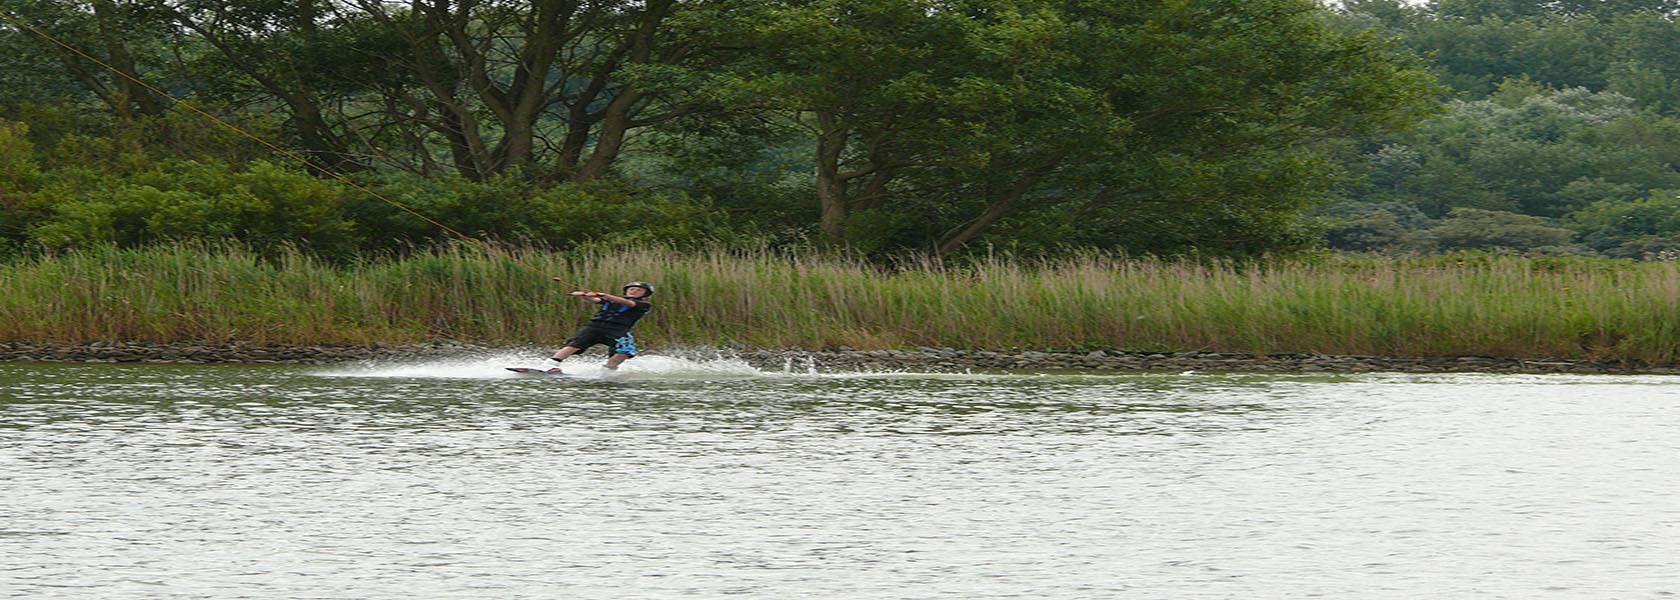 Wasserski an der Nordsee, © Die Nordsee GmbH, Janina Beck